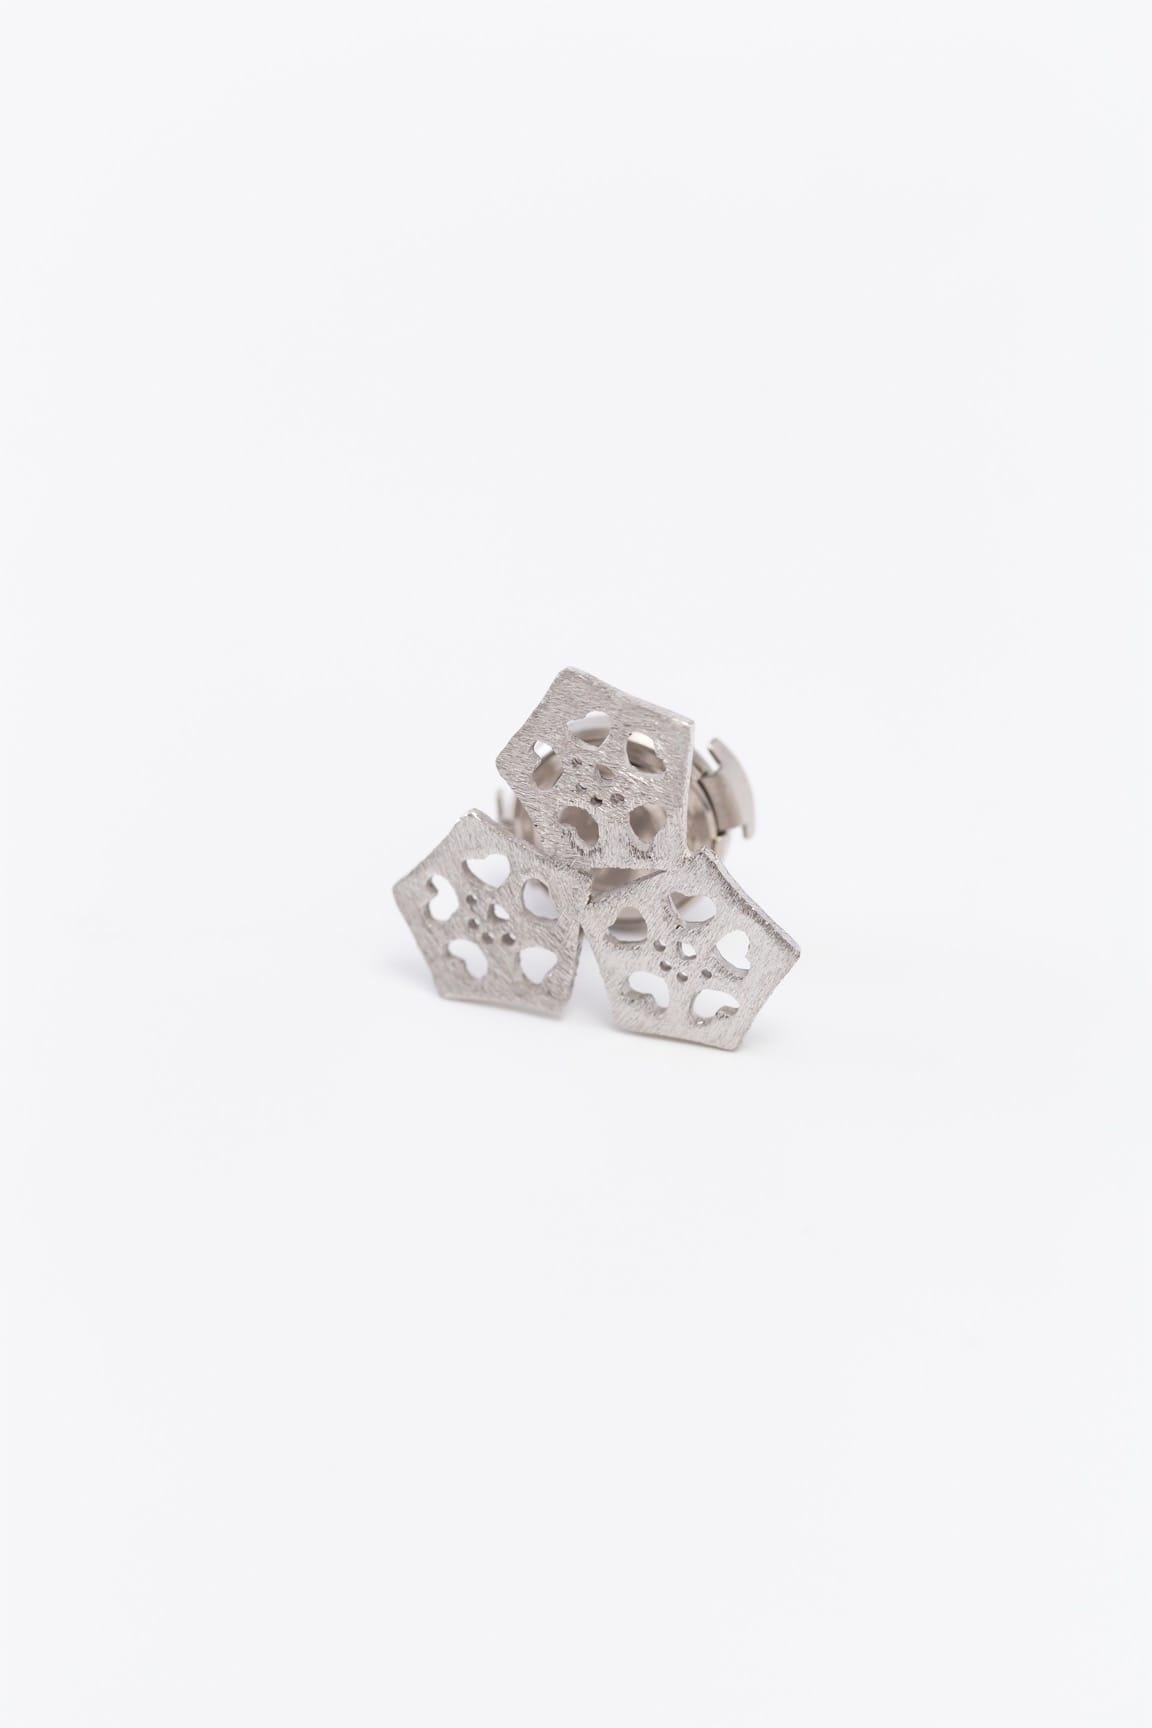 オクラ3個ピンブローチ(銀)